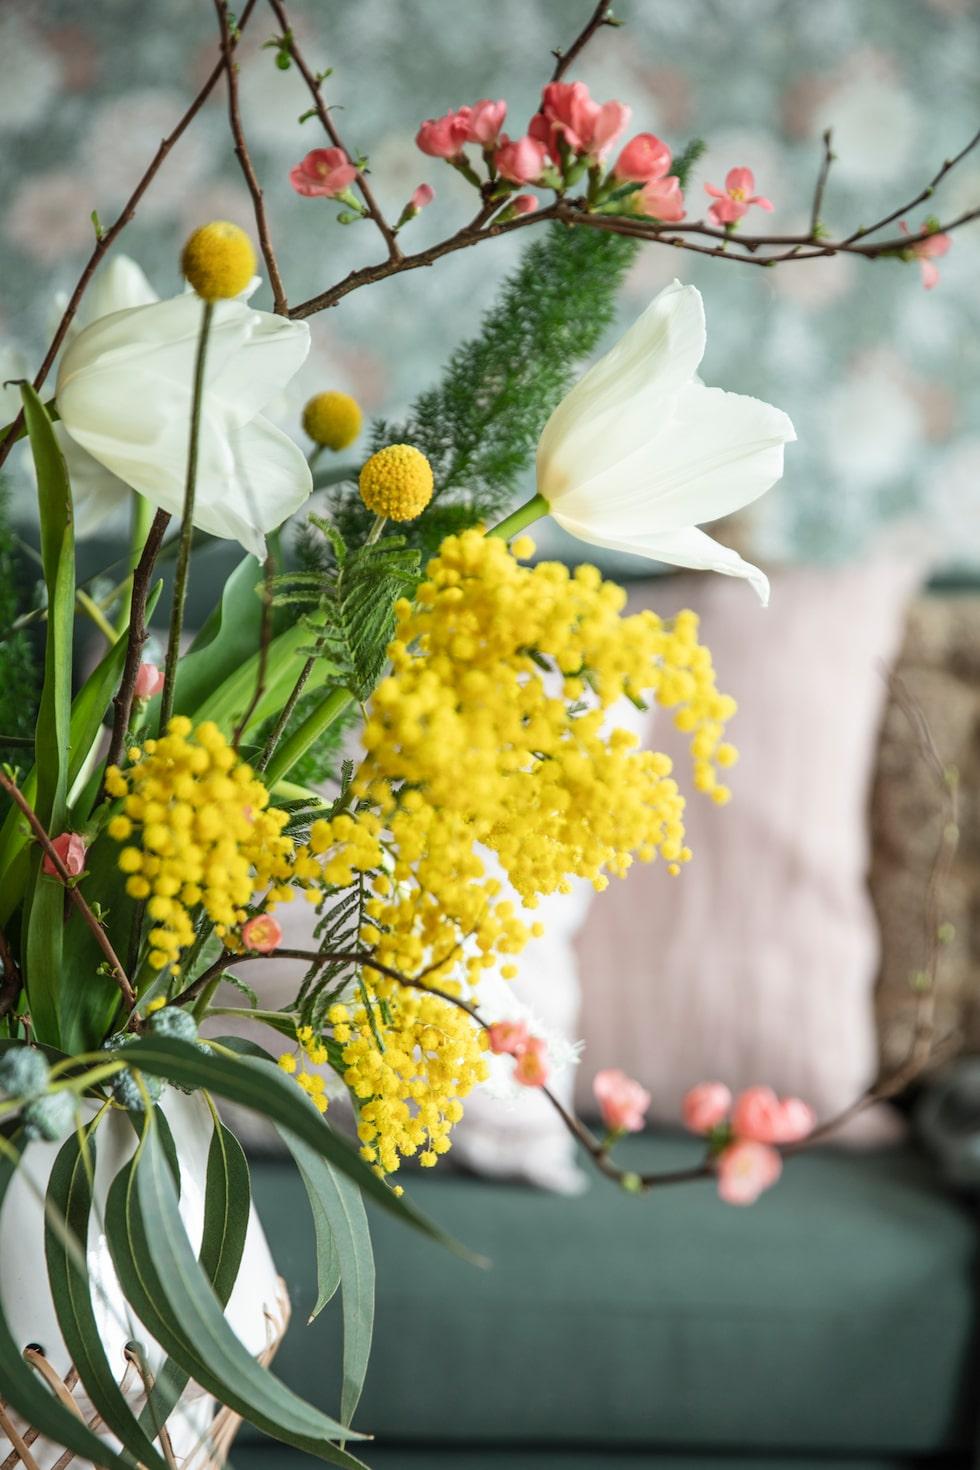 Blommor som vit tulpan, mimosa, solboll 'Billy boll' och kvistar med körsbärsblom ger omedelbart vårstämning.